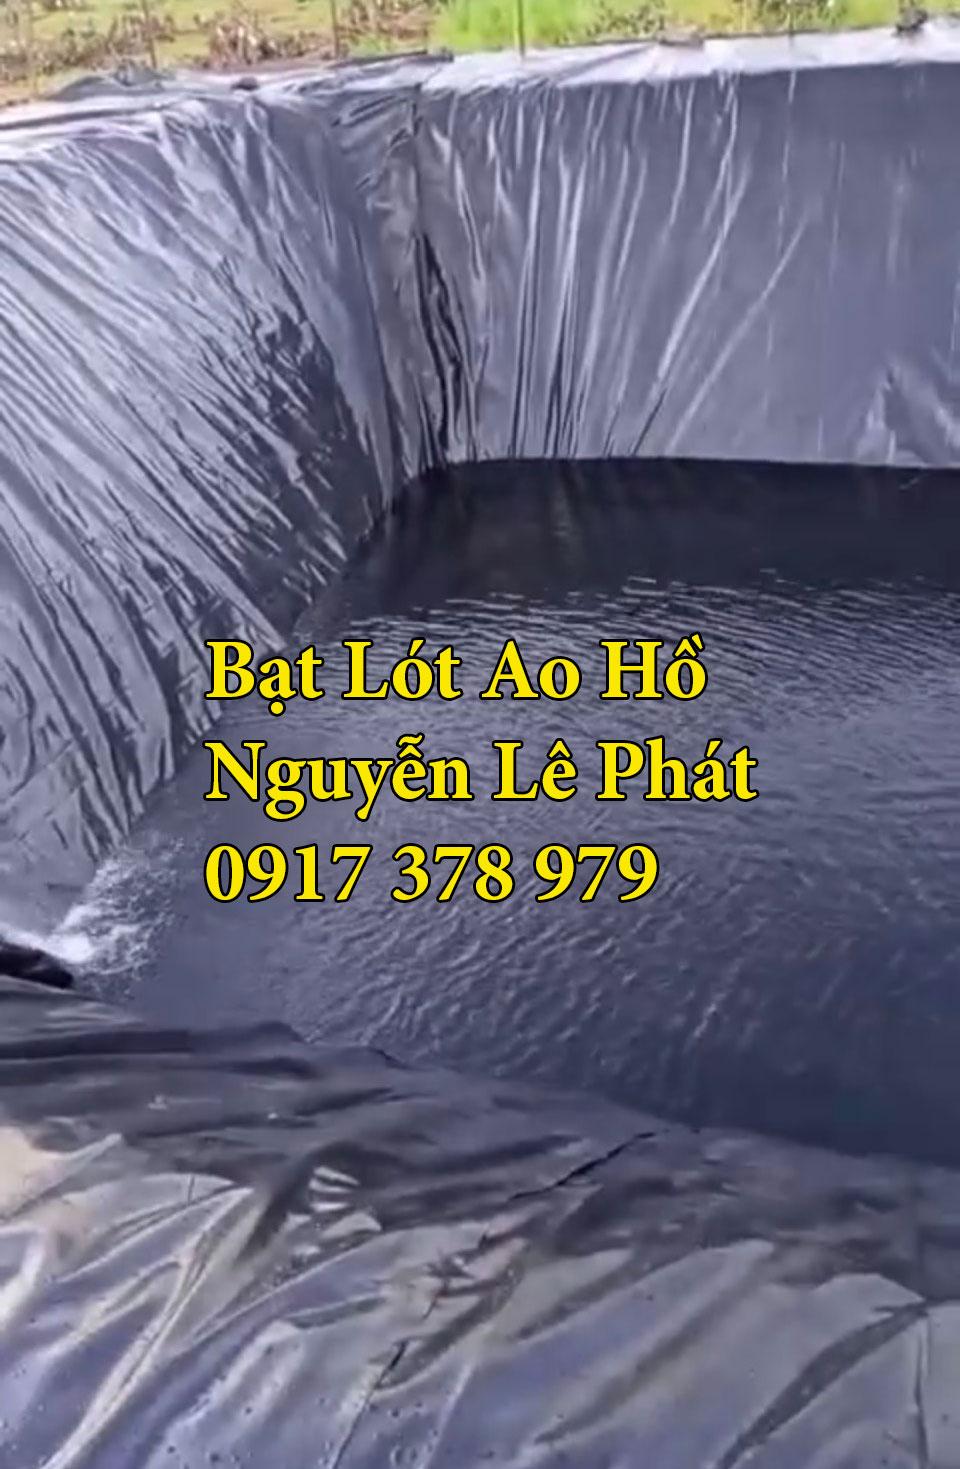 Đơn vị cung cấp bạt nhựa hdpe lót ao hồ nuôi tôm Kiên Giang Phú Quốc